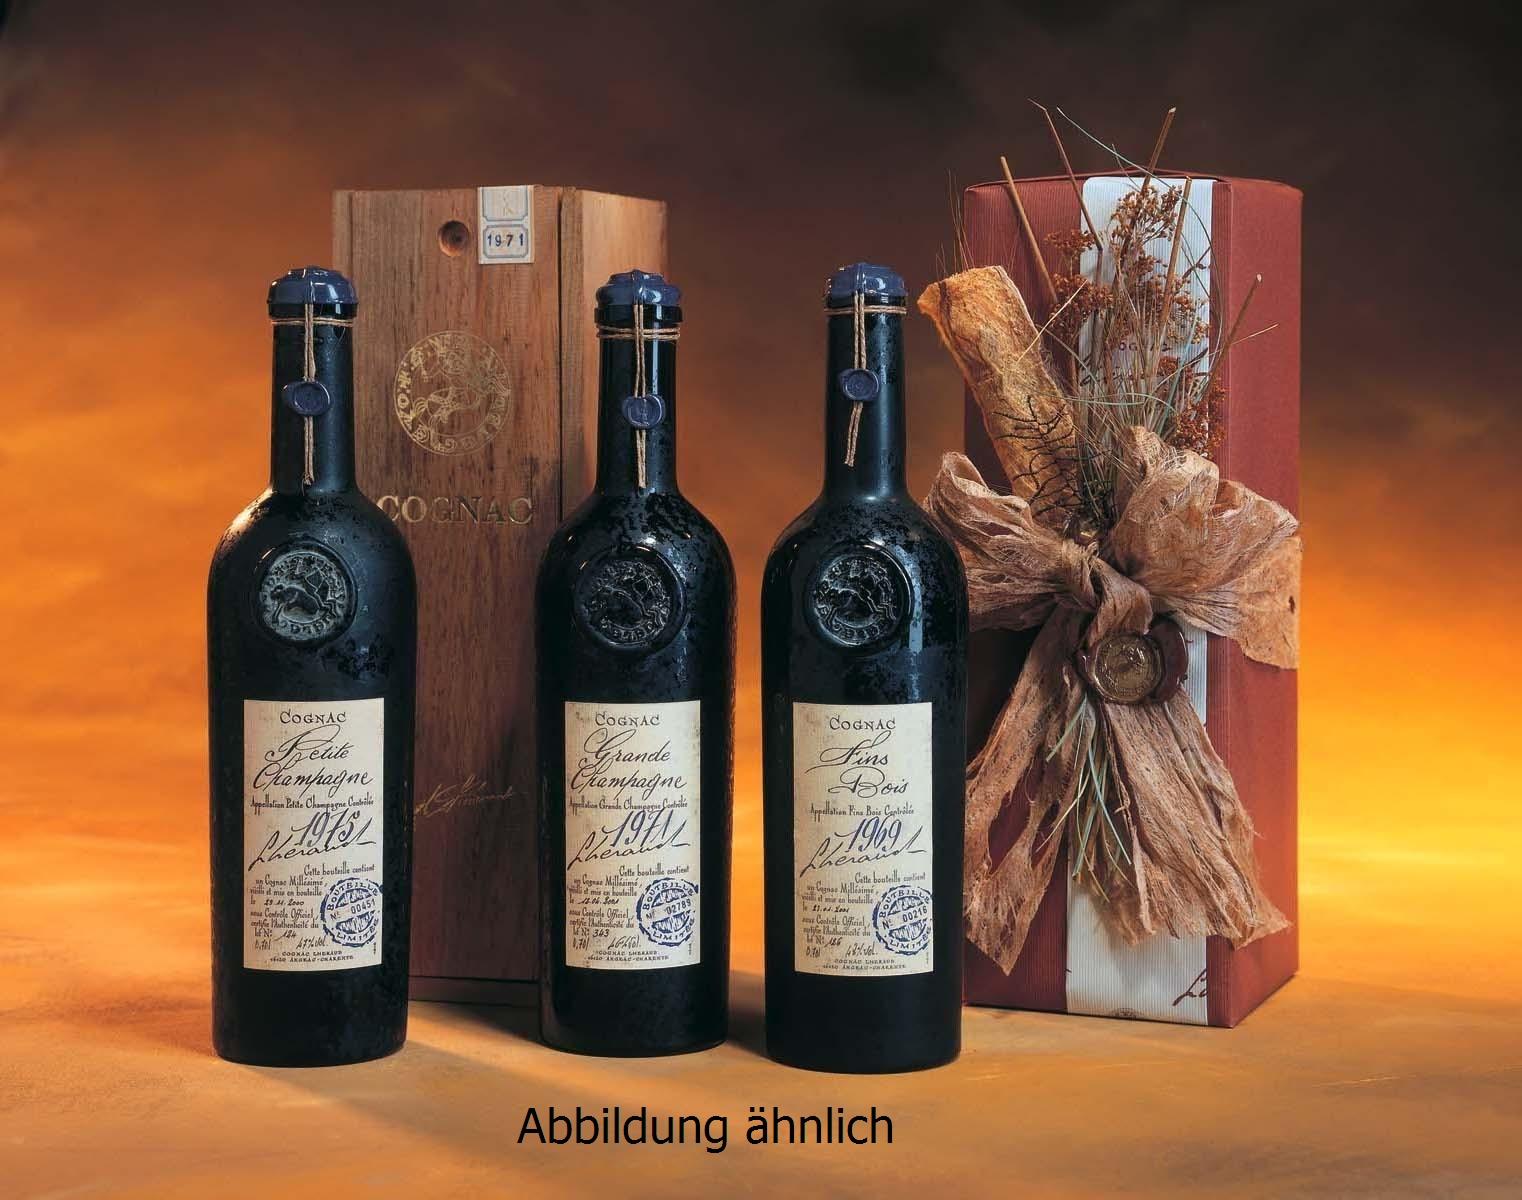 Cognac 1976 Lheraud